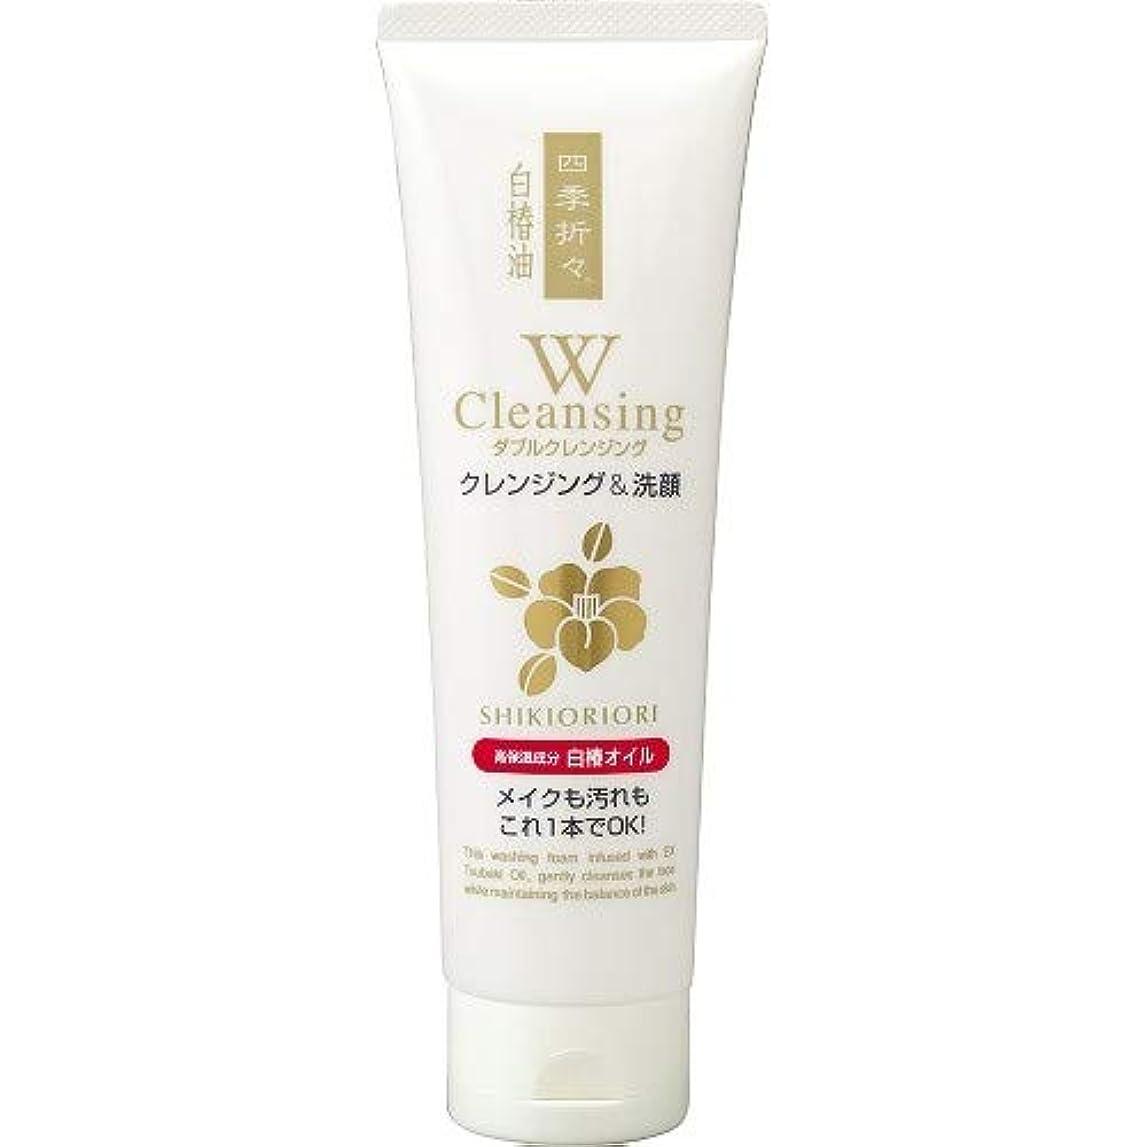 処分した可塑性思いやり四季折々 白椿油Wクレンジング洗顔フォーム 190G